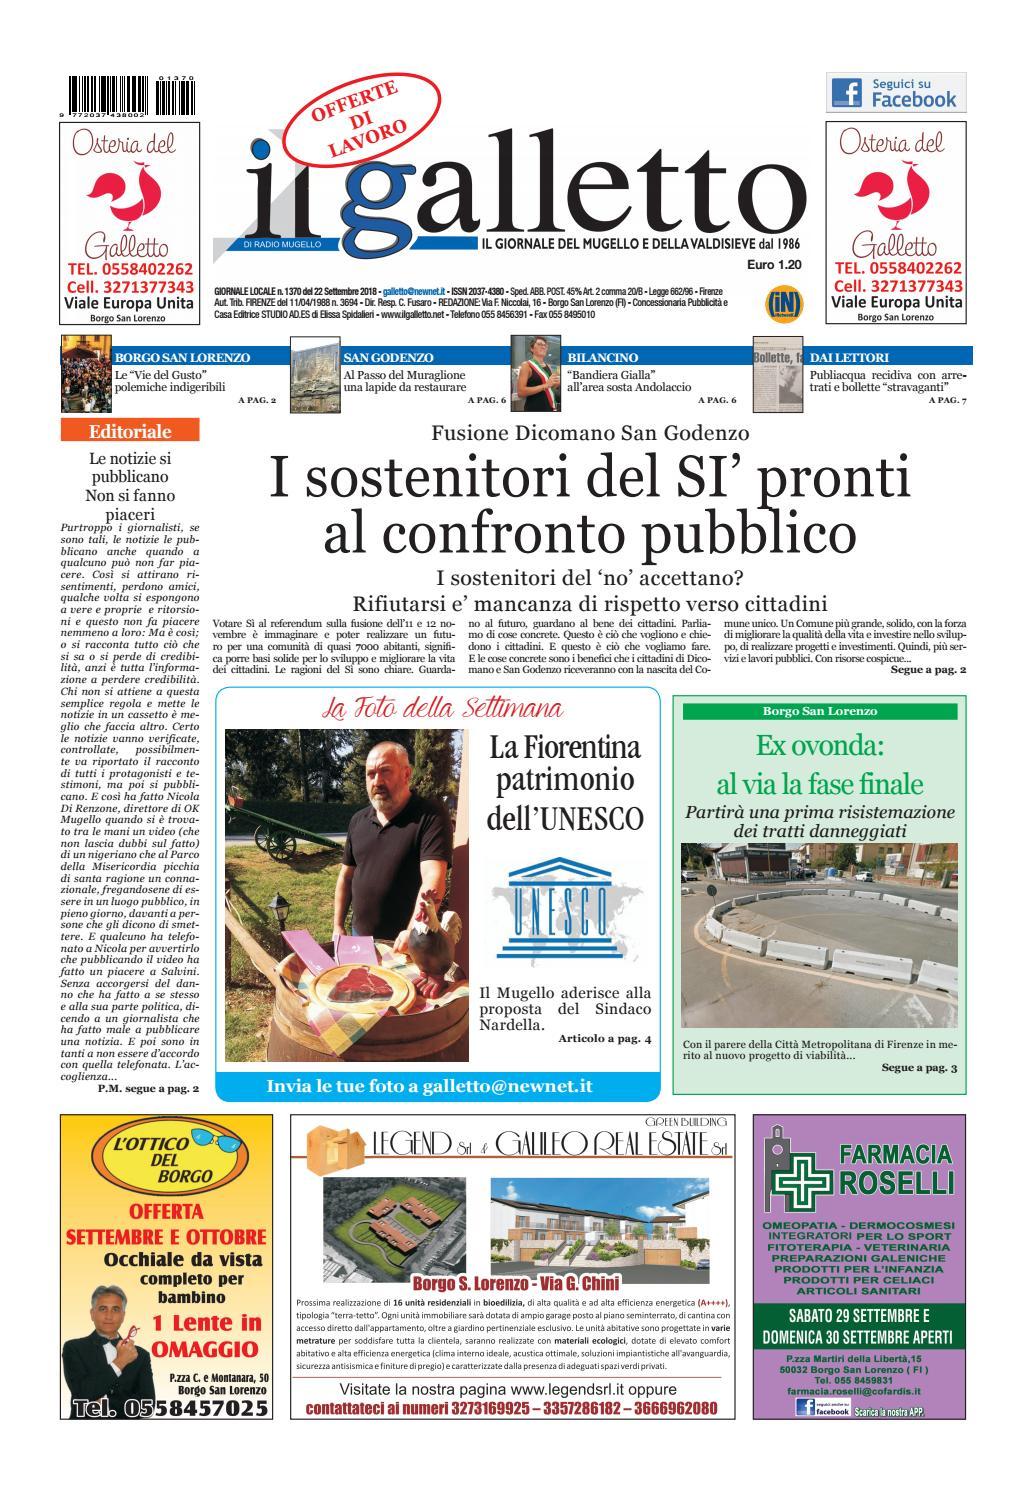 galletto 1370 del 22 settembre 2018 by Il Galletto Giornale - issuu 5448f2ced9